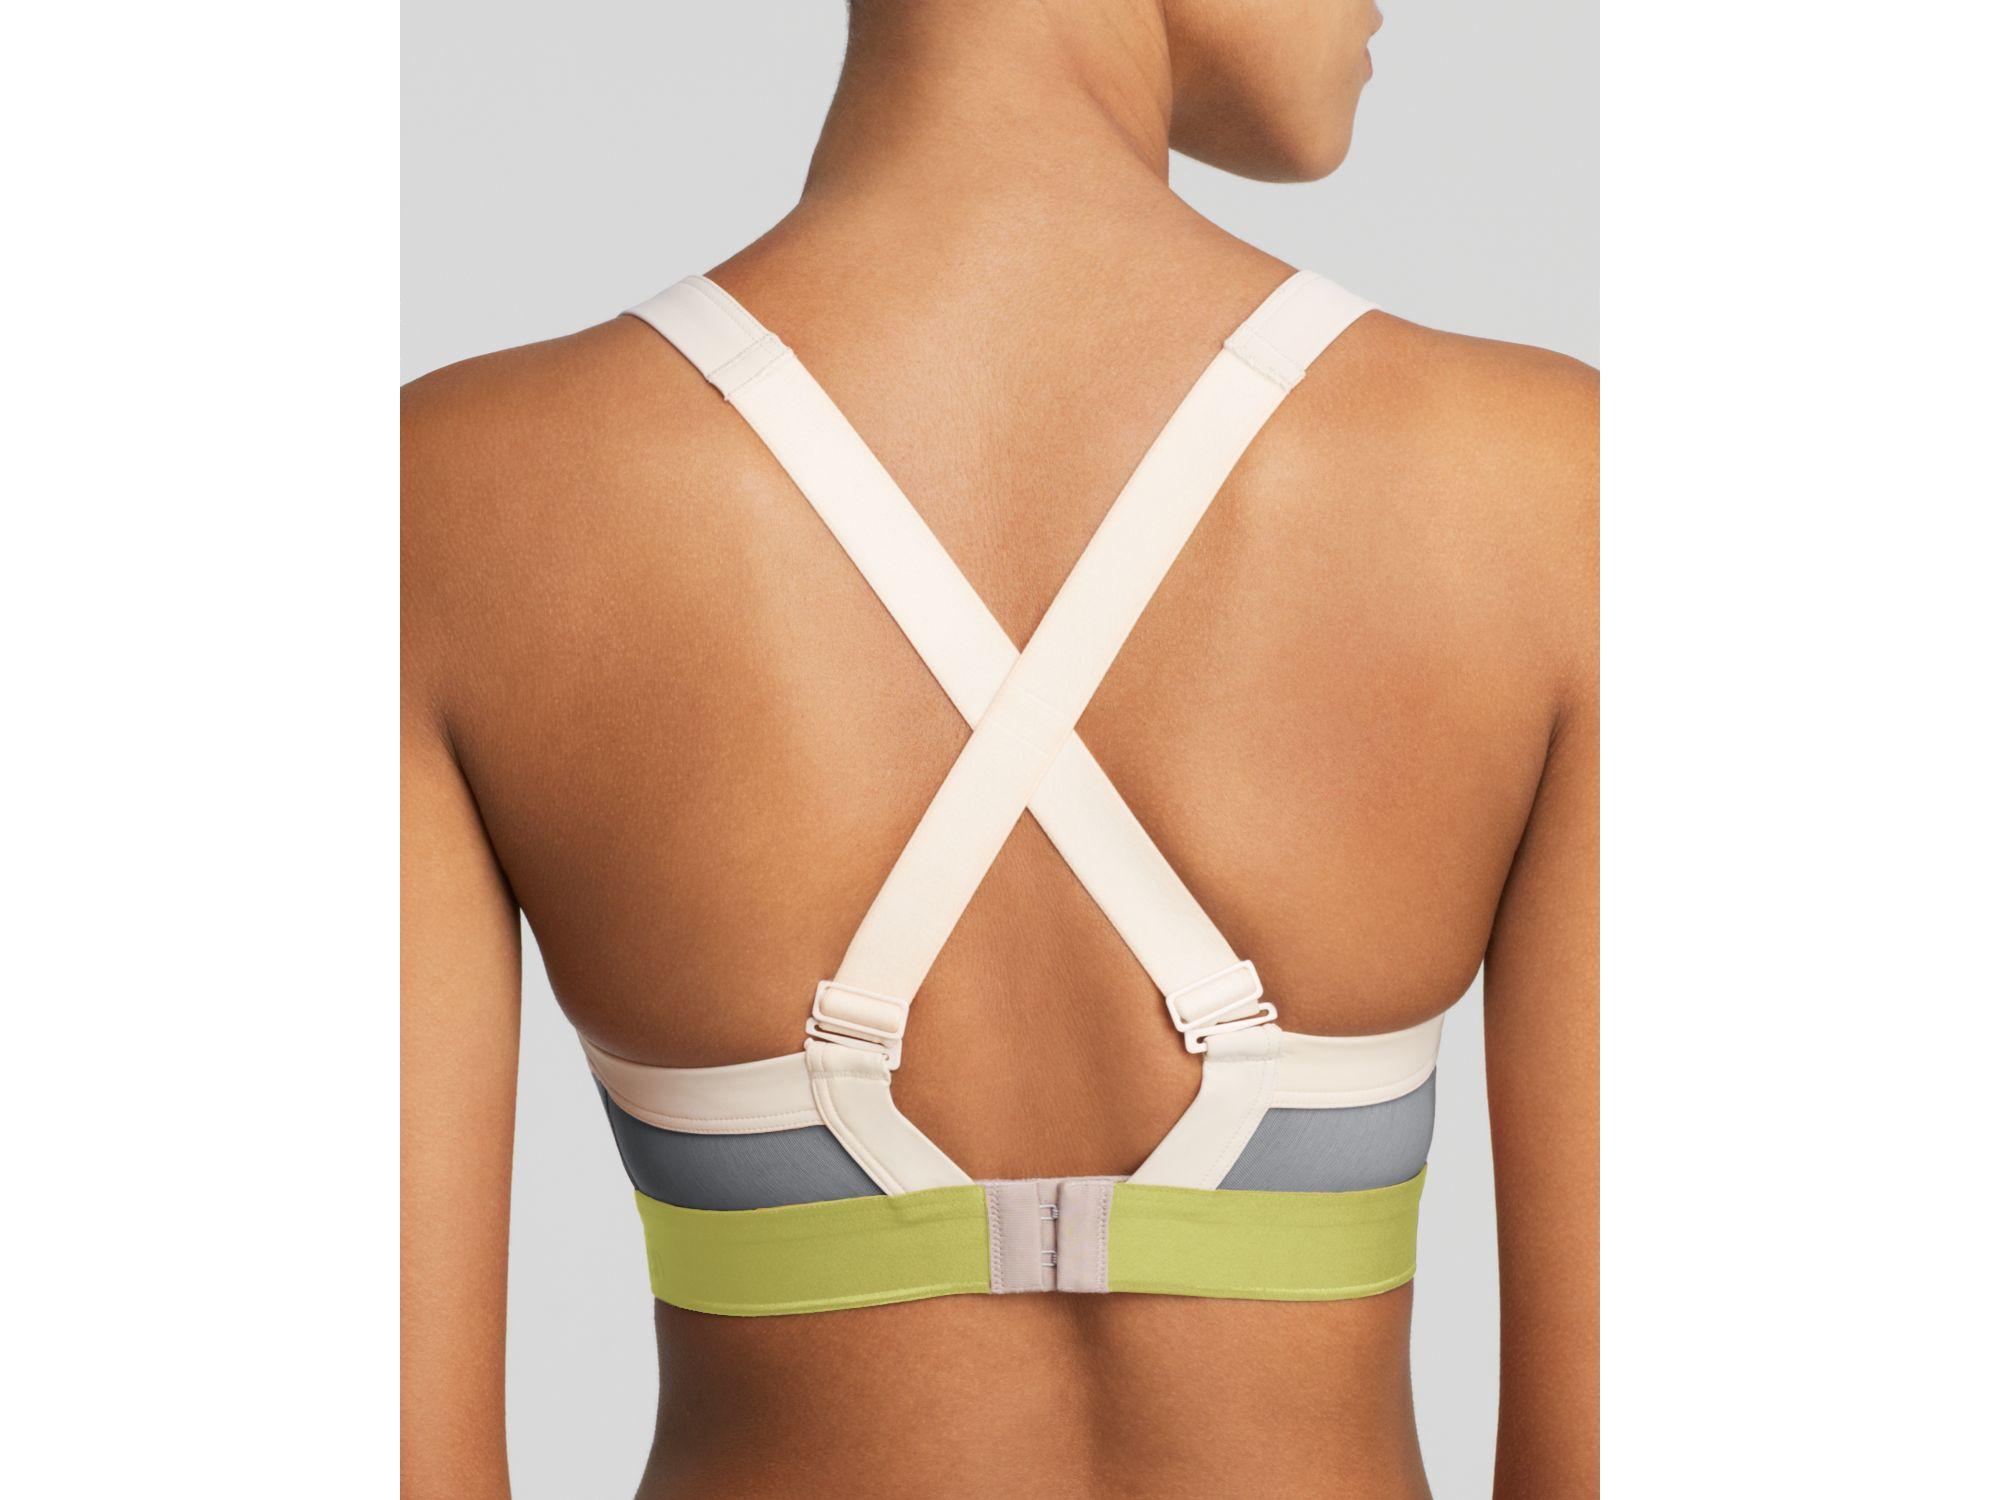 c37fd10a2a Lyst - Calvin Klein Sports Bra - Flex Motion Convertible High Impact ...